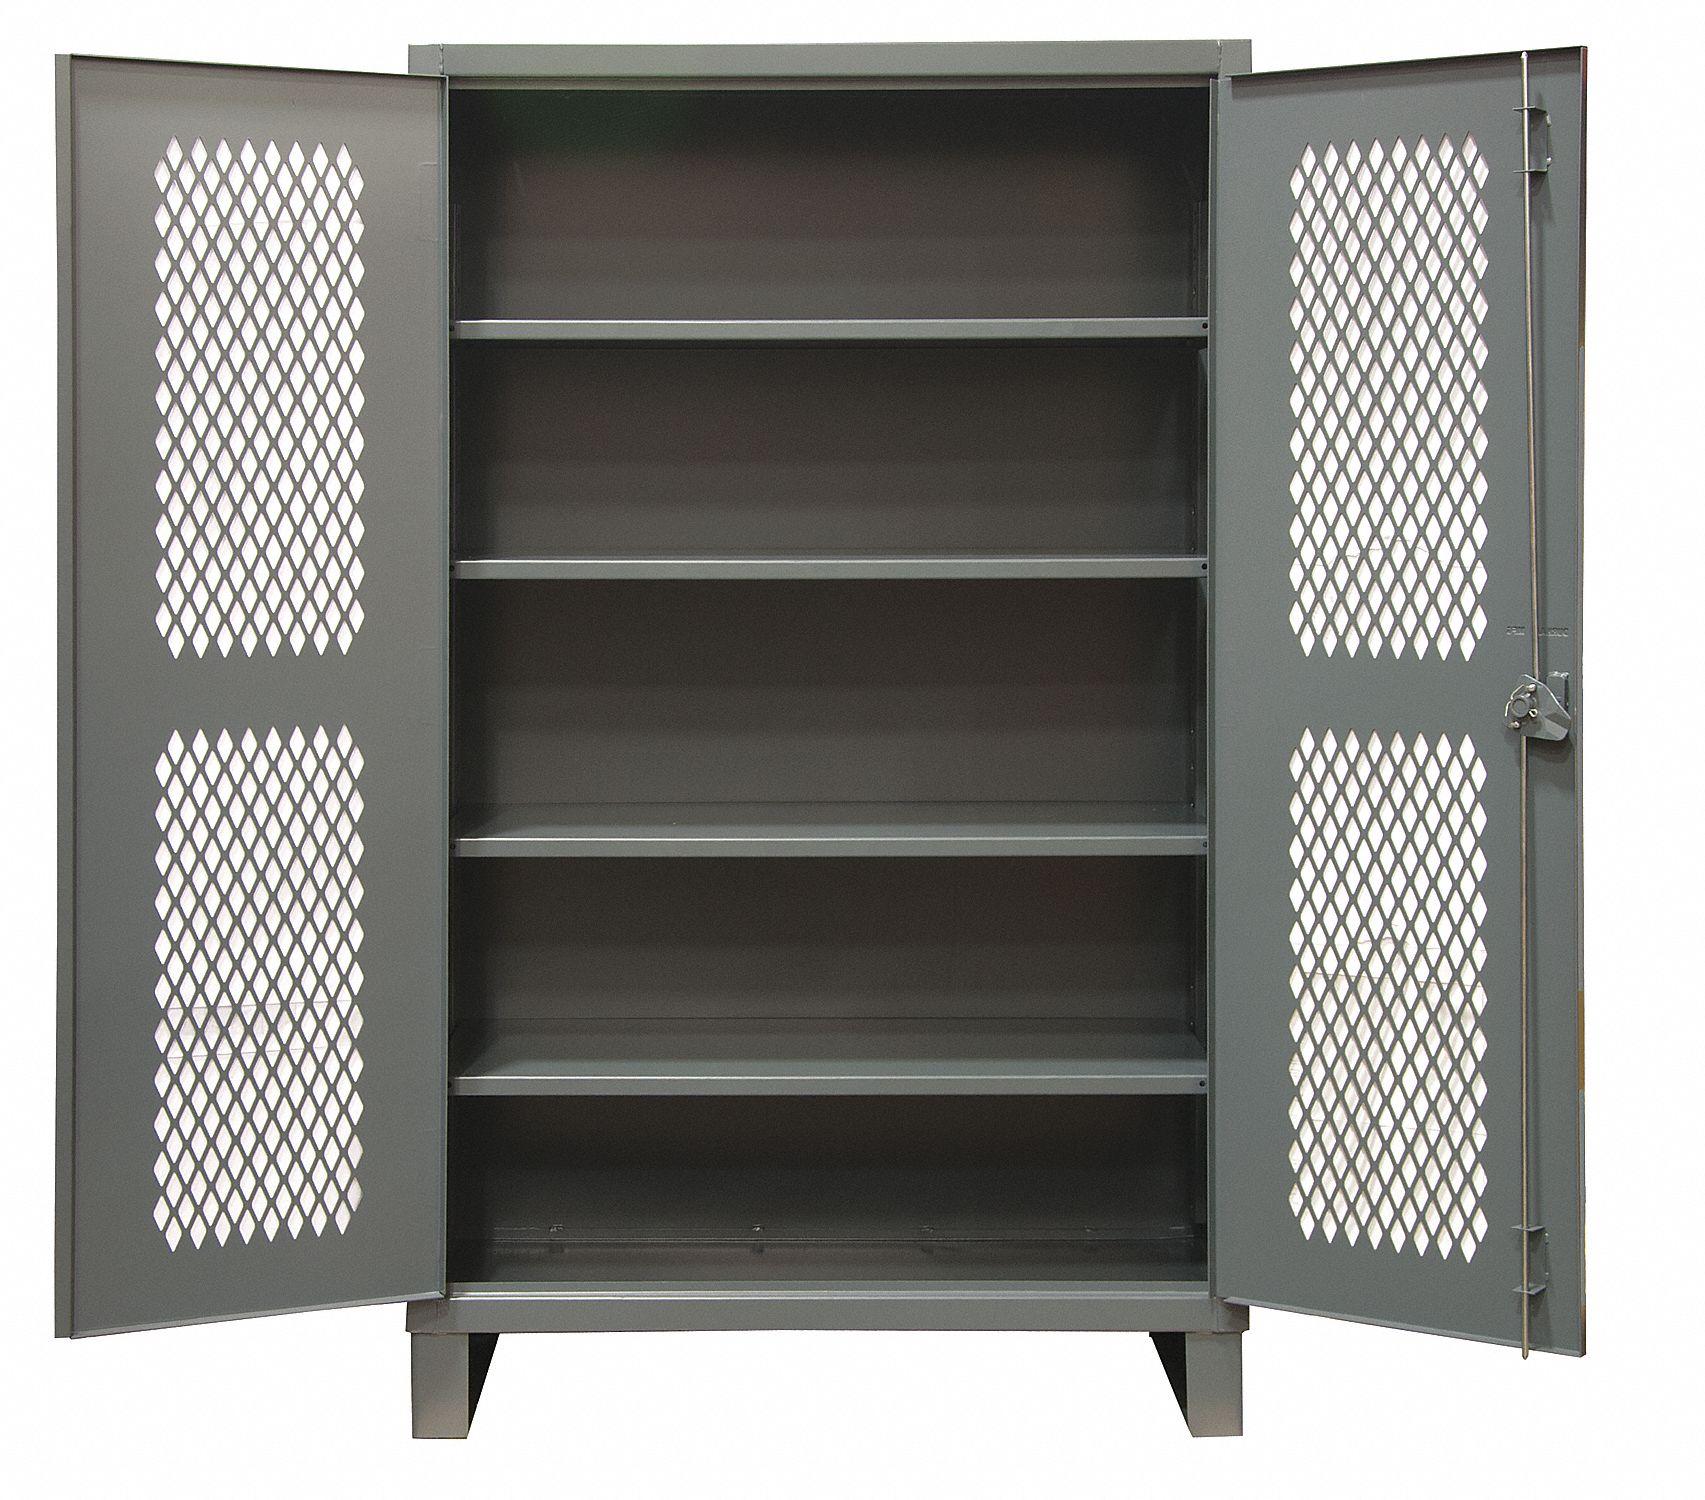 DURHAM Heavy Duty Storage Cabinet Gray 78 H X 36 W X